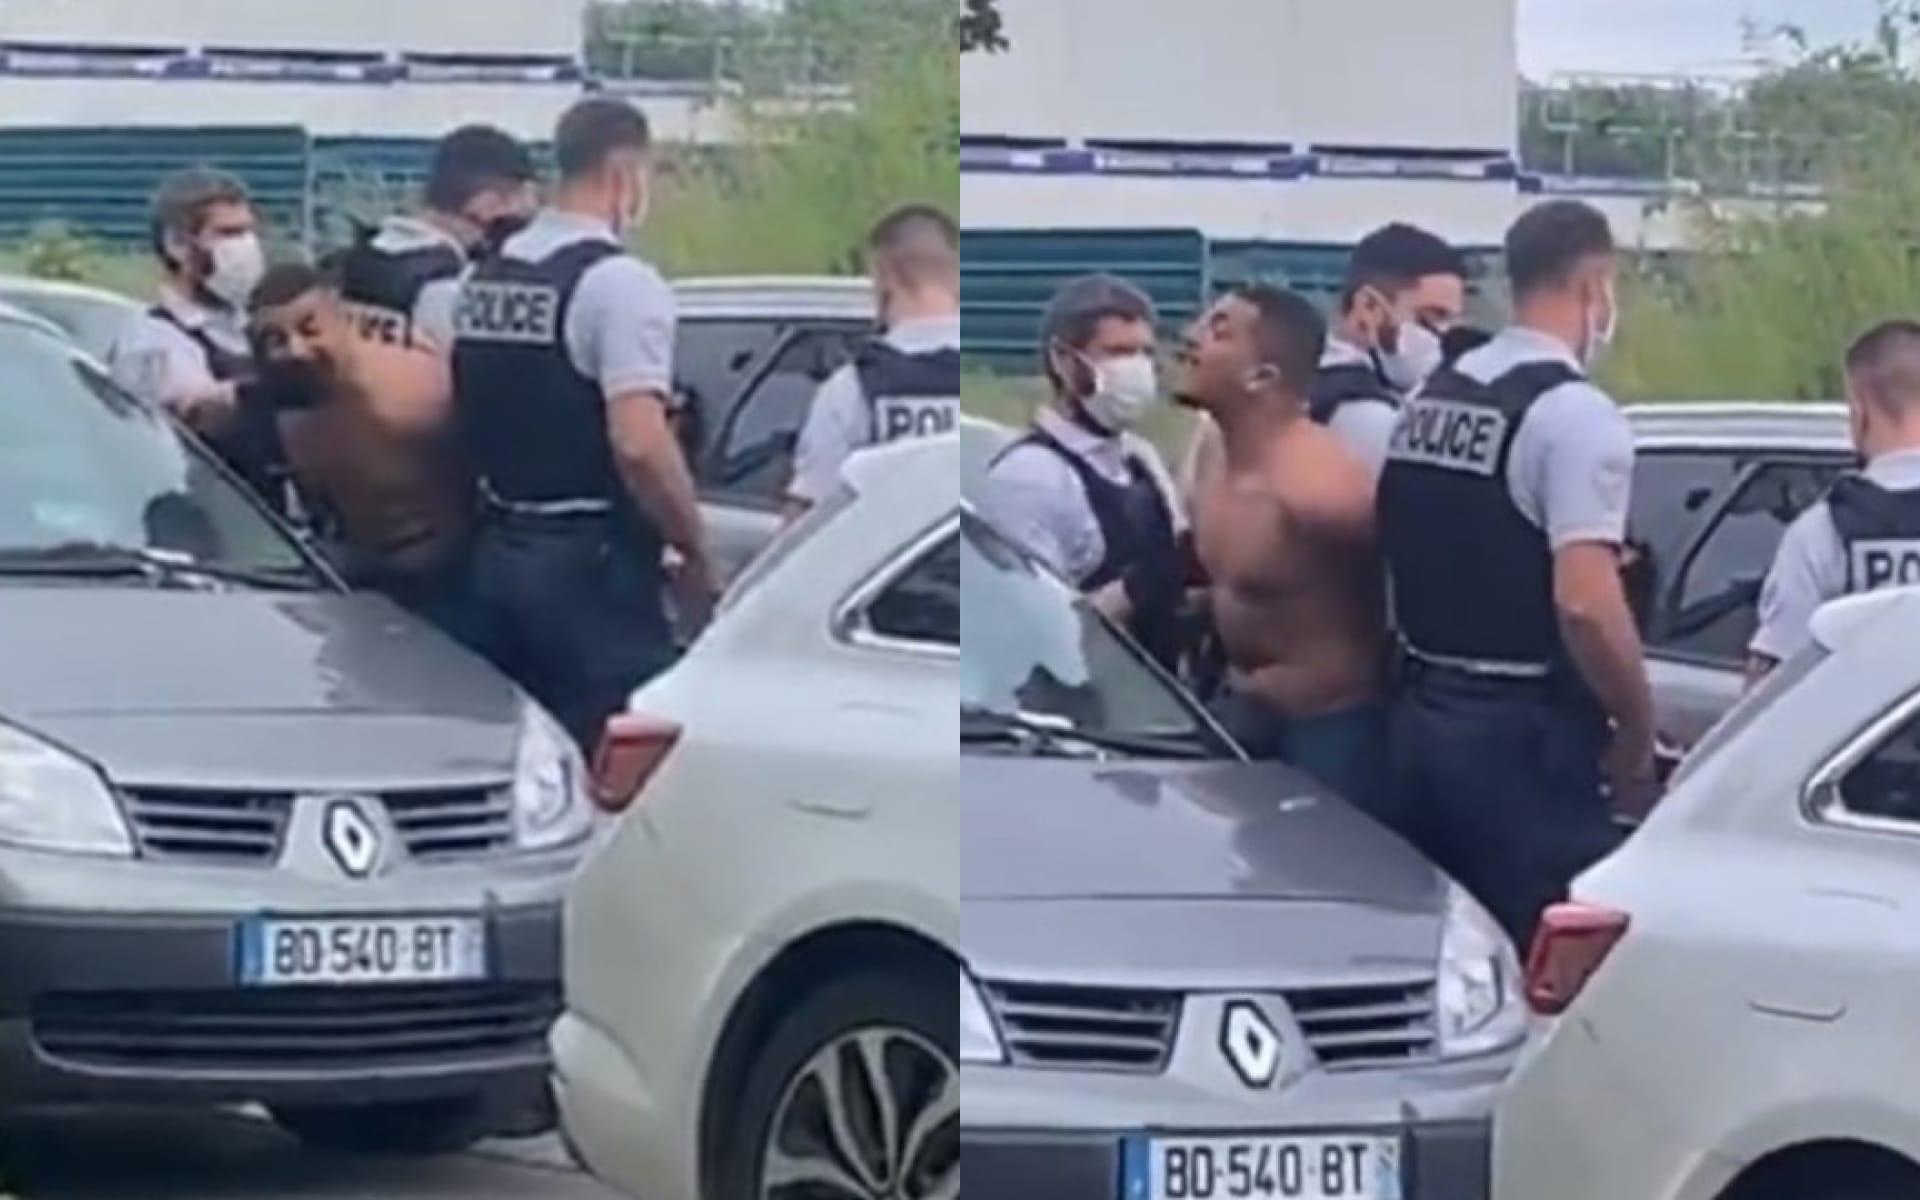 RK violemment arrêté par la police : les images font le buzz sur la toile